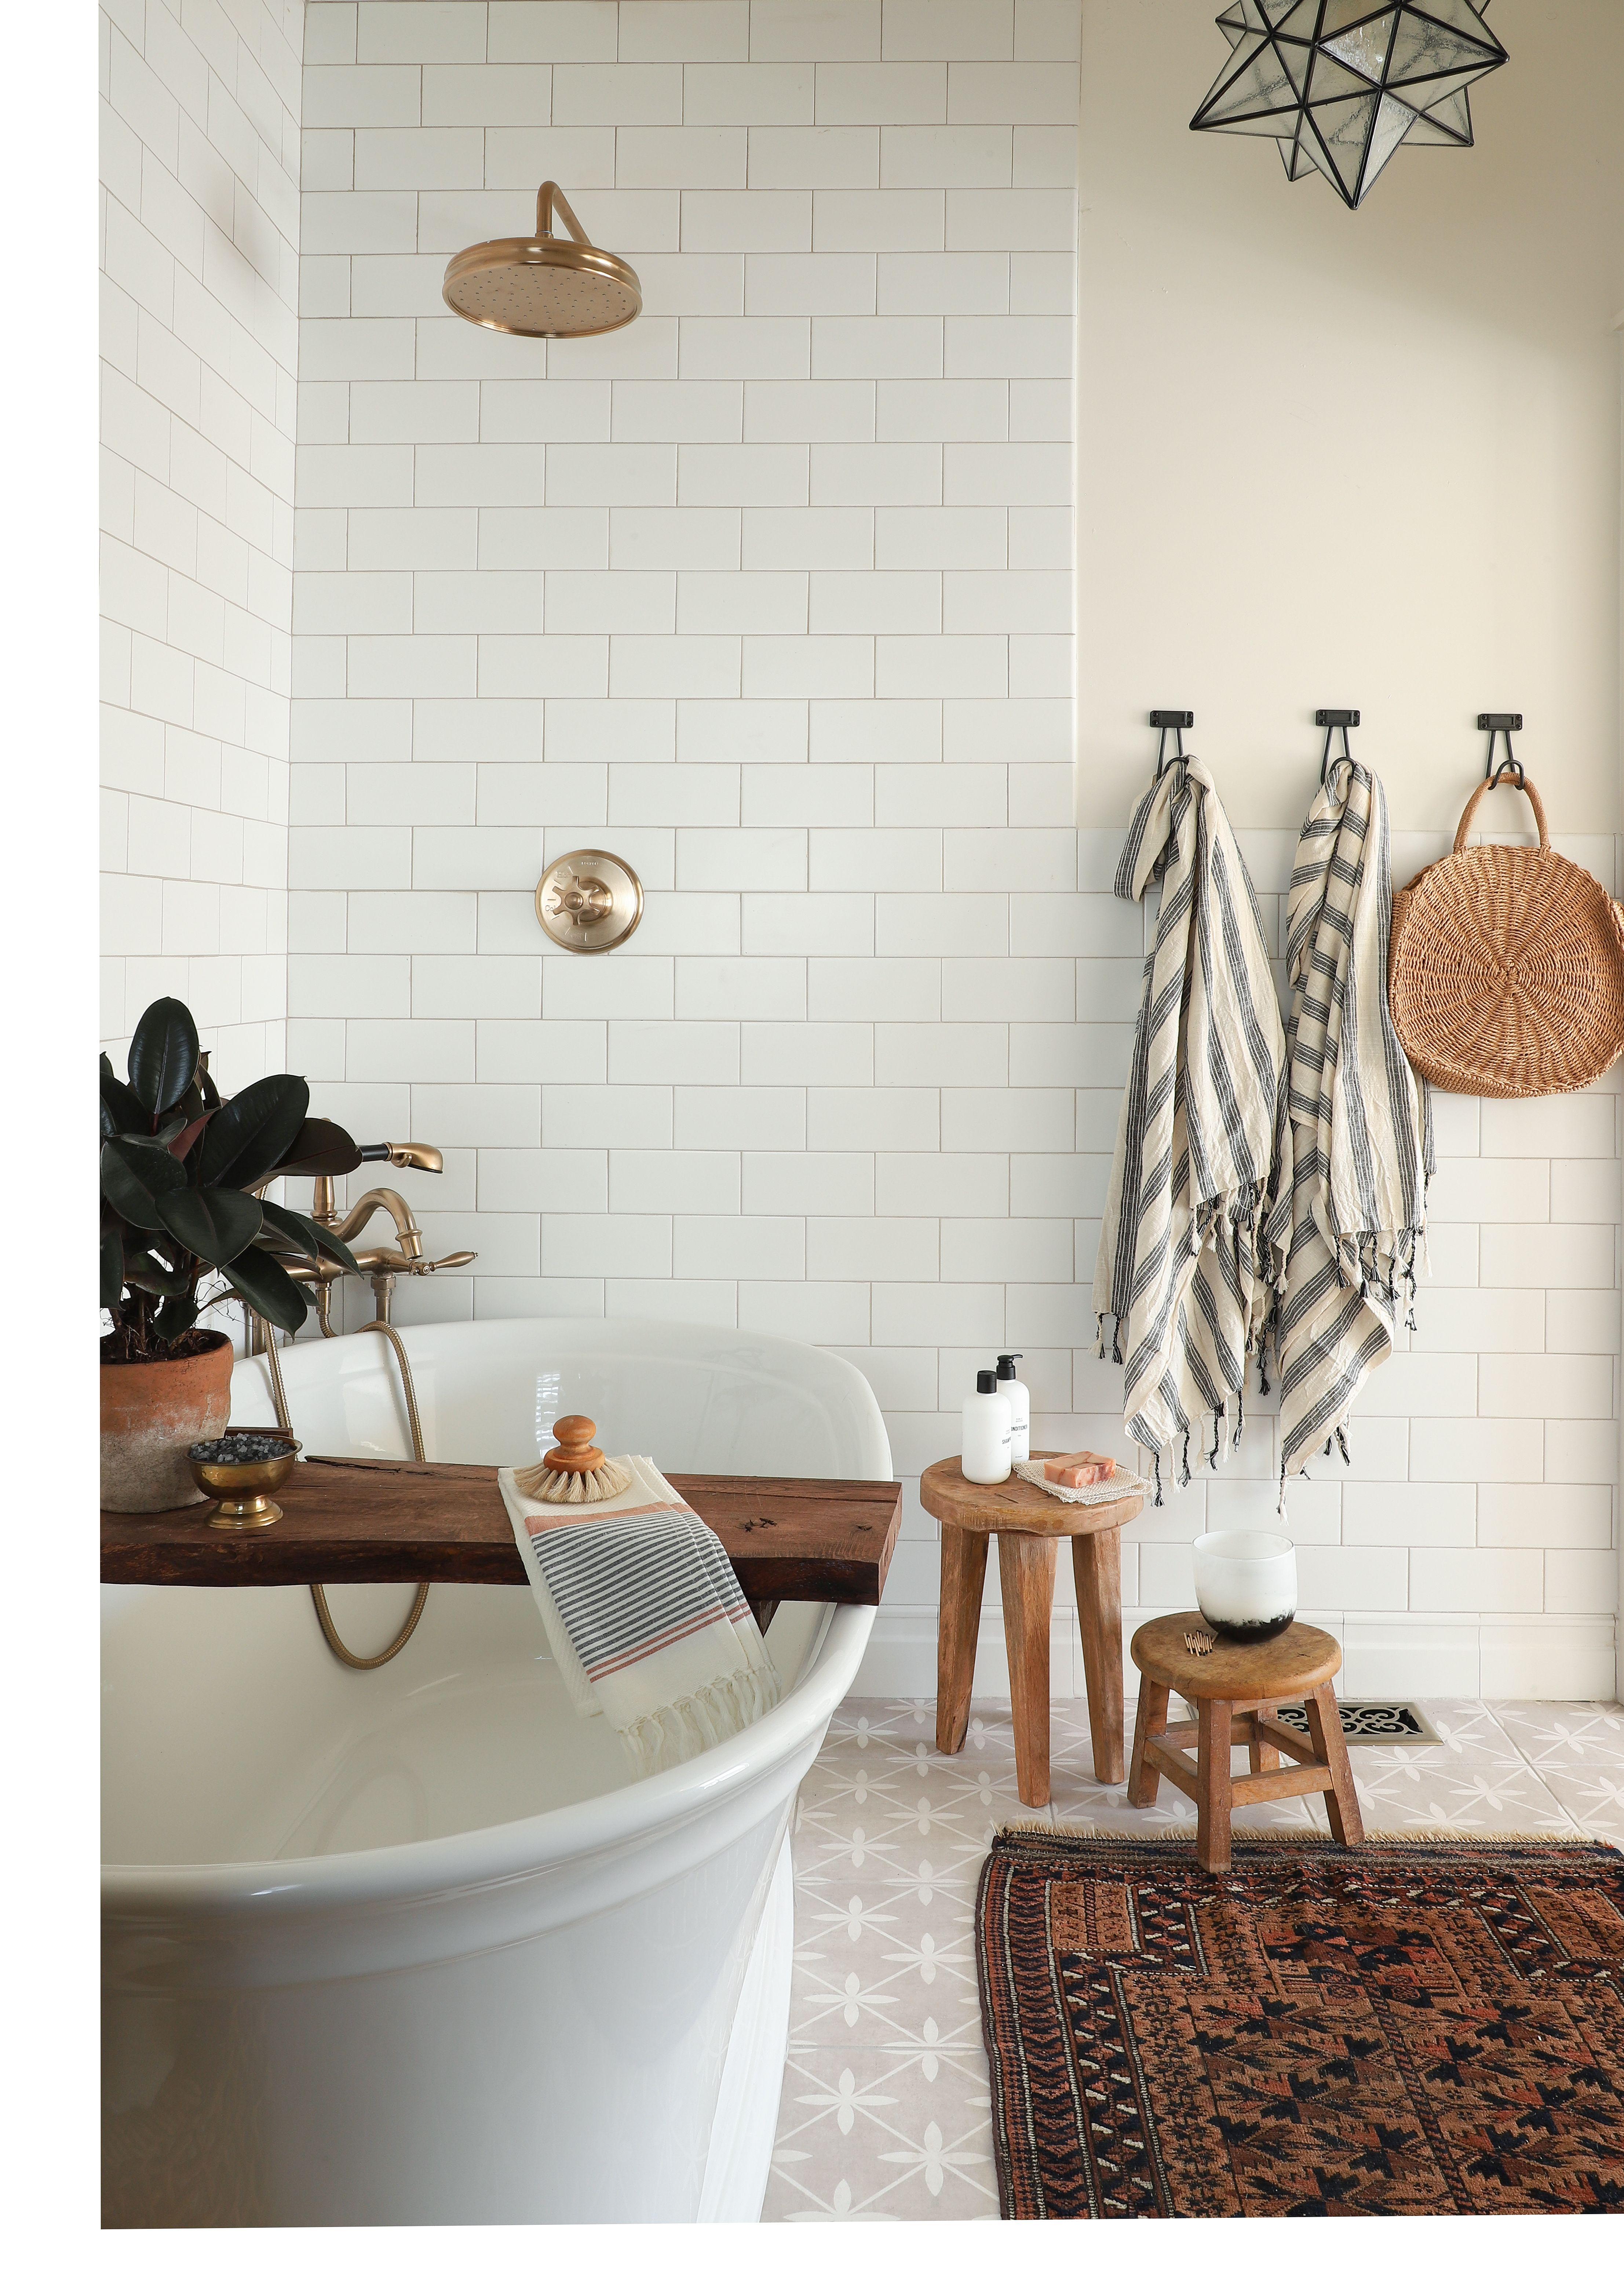 Spotlight On I Spy Diy Home Decor Inspiration Bathroom Decor